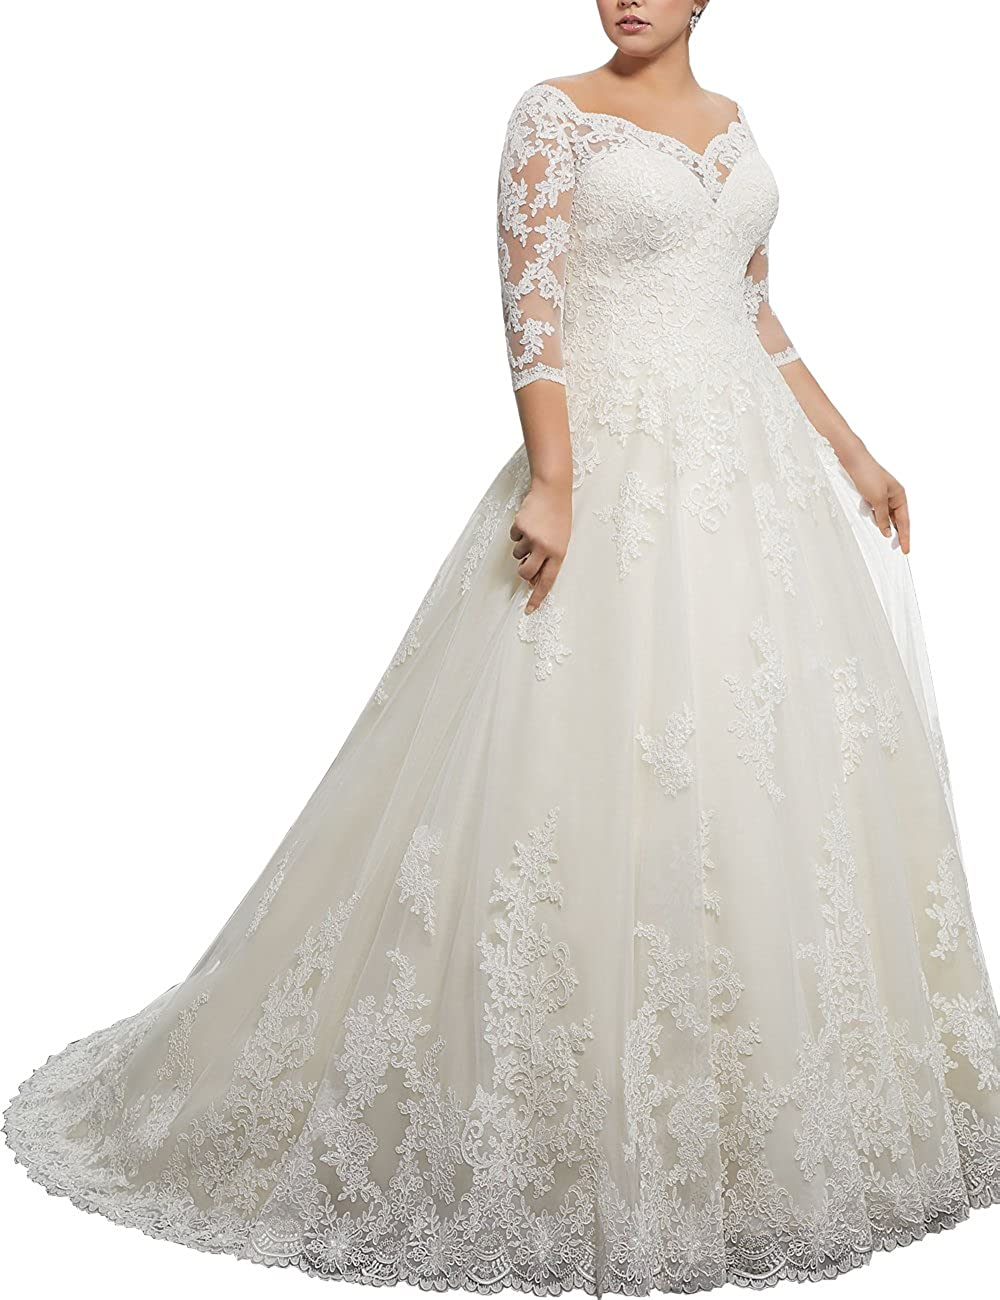 Women's V Neck Long Sleeves Lace Applique Plus Size A Line Wedding Dress